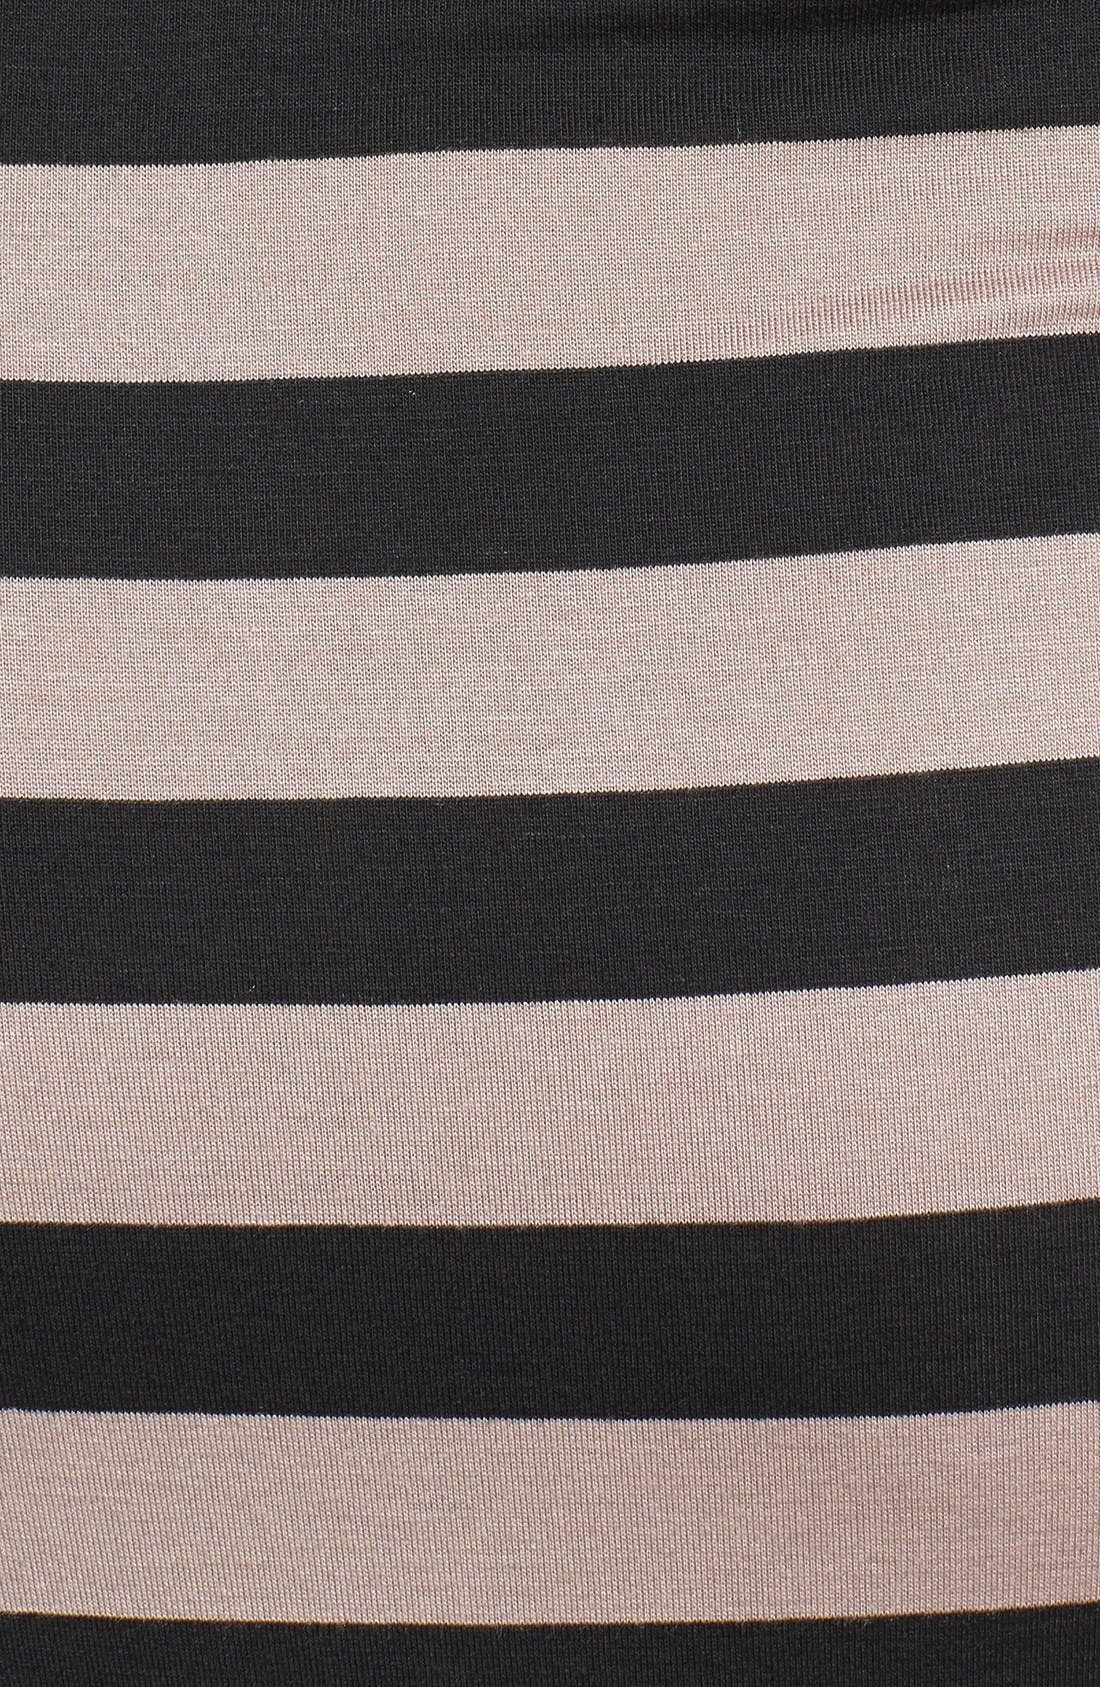 Alternate Image 3  - Loveappella Shirred Bodice Maxi Dress